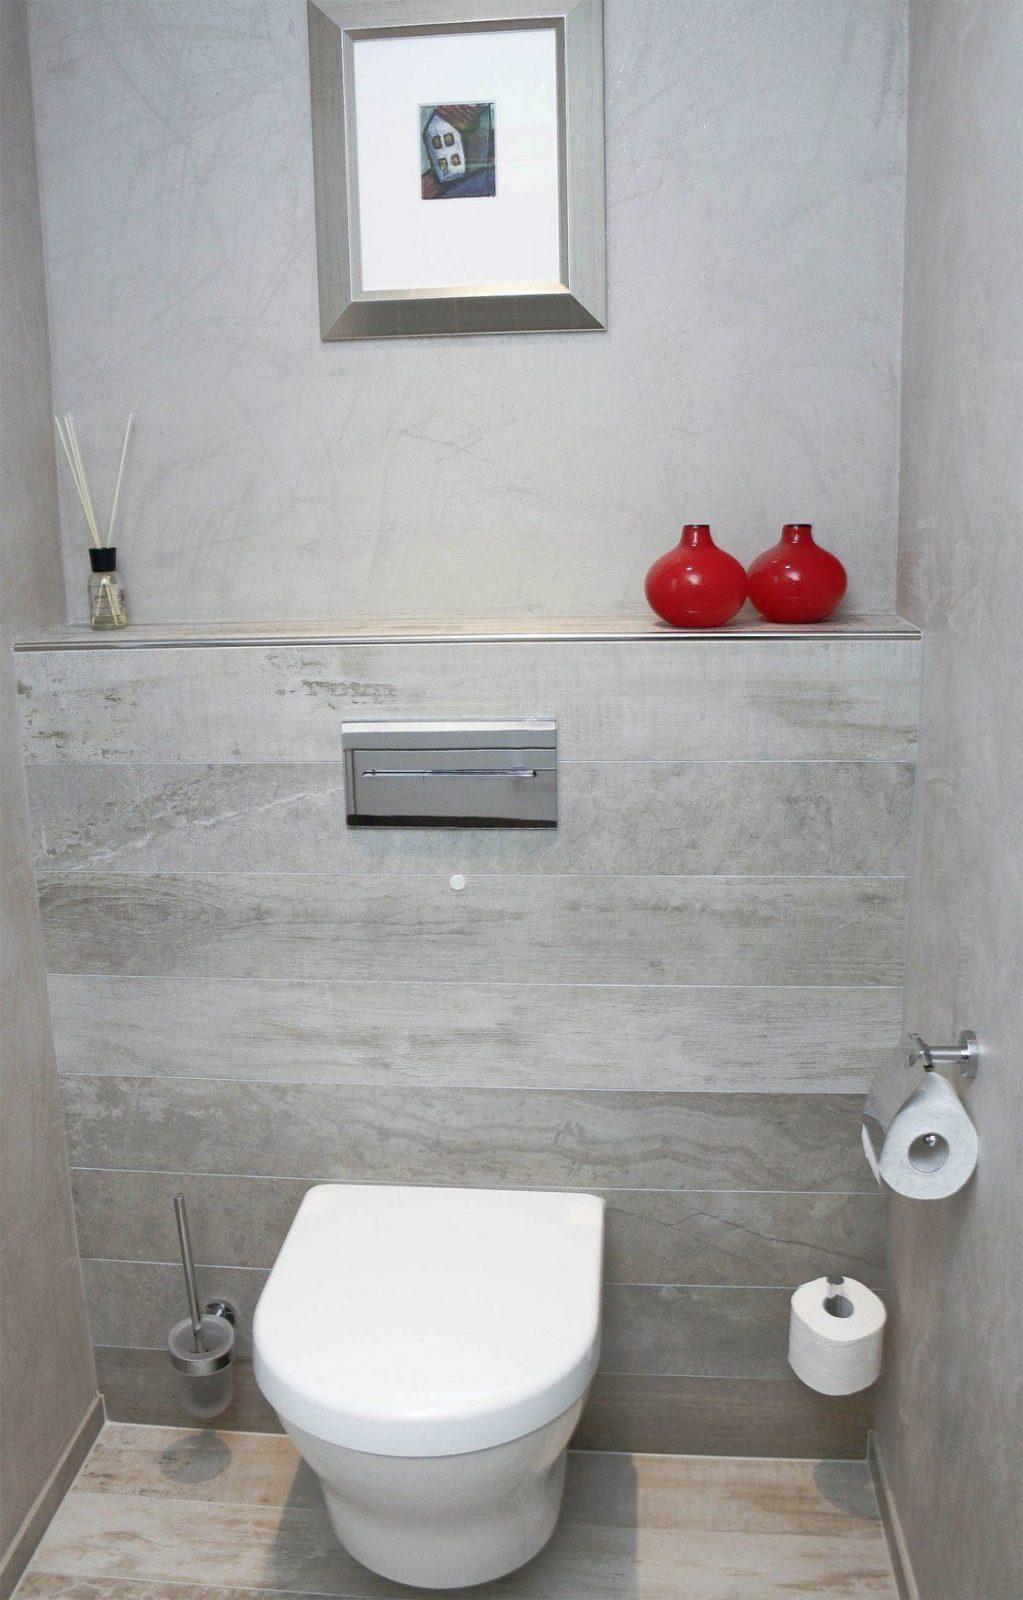 sch ne g ste wc gestalten ohne fliesen guste wc gestalten ecucire von g ste wc gestalten ohne. Black Bedroom Furniture Sets. Home Design Ideas